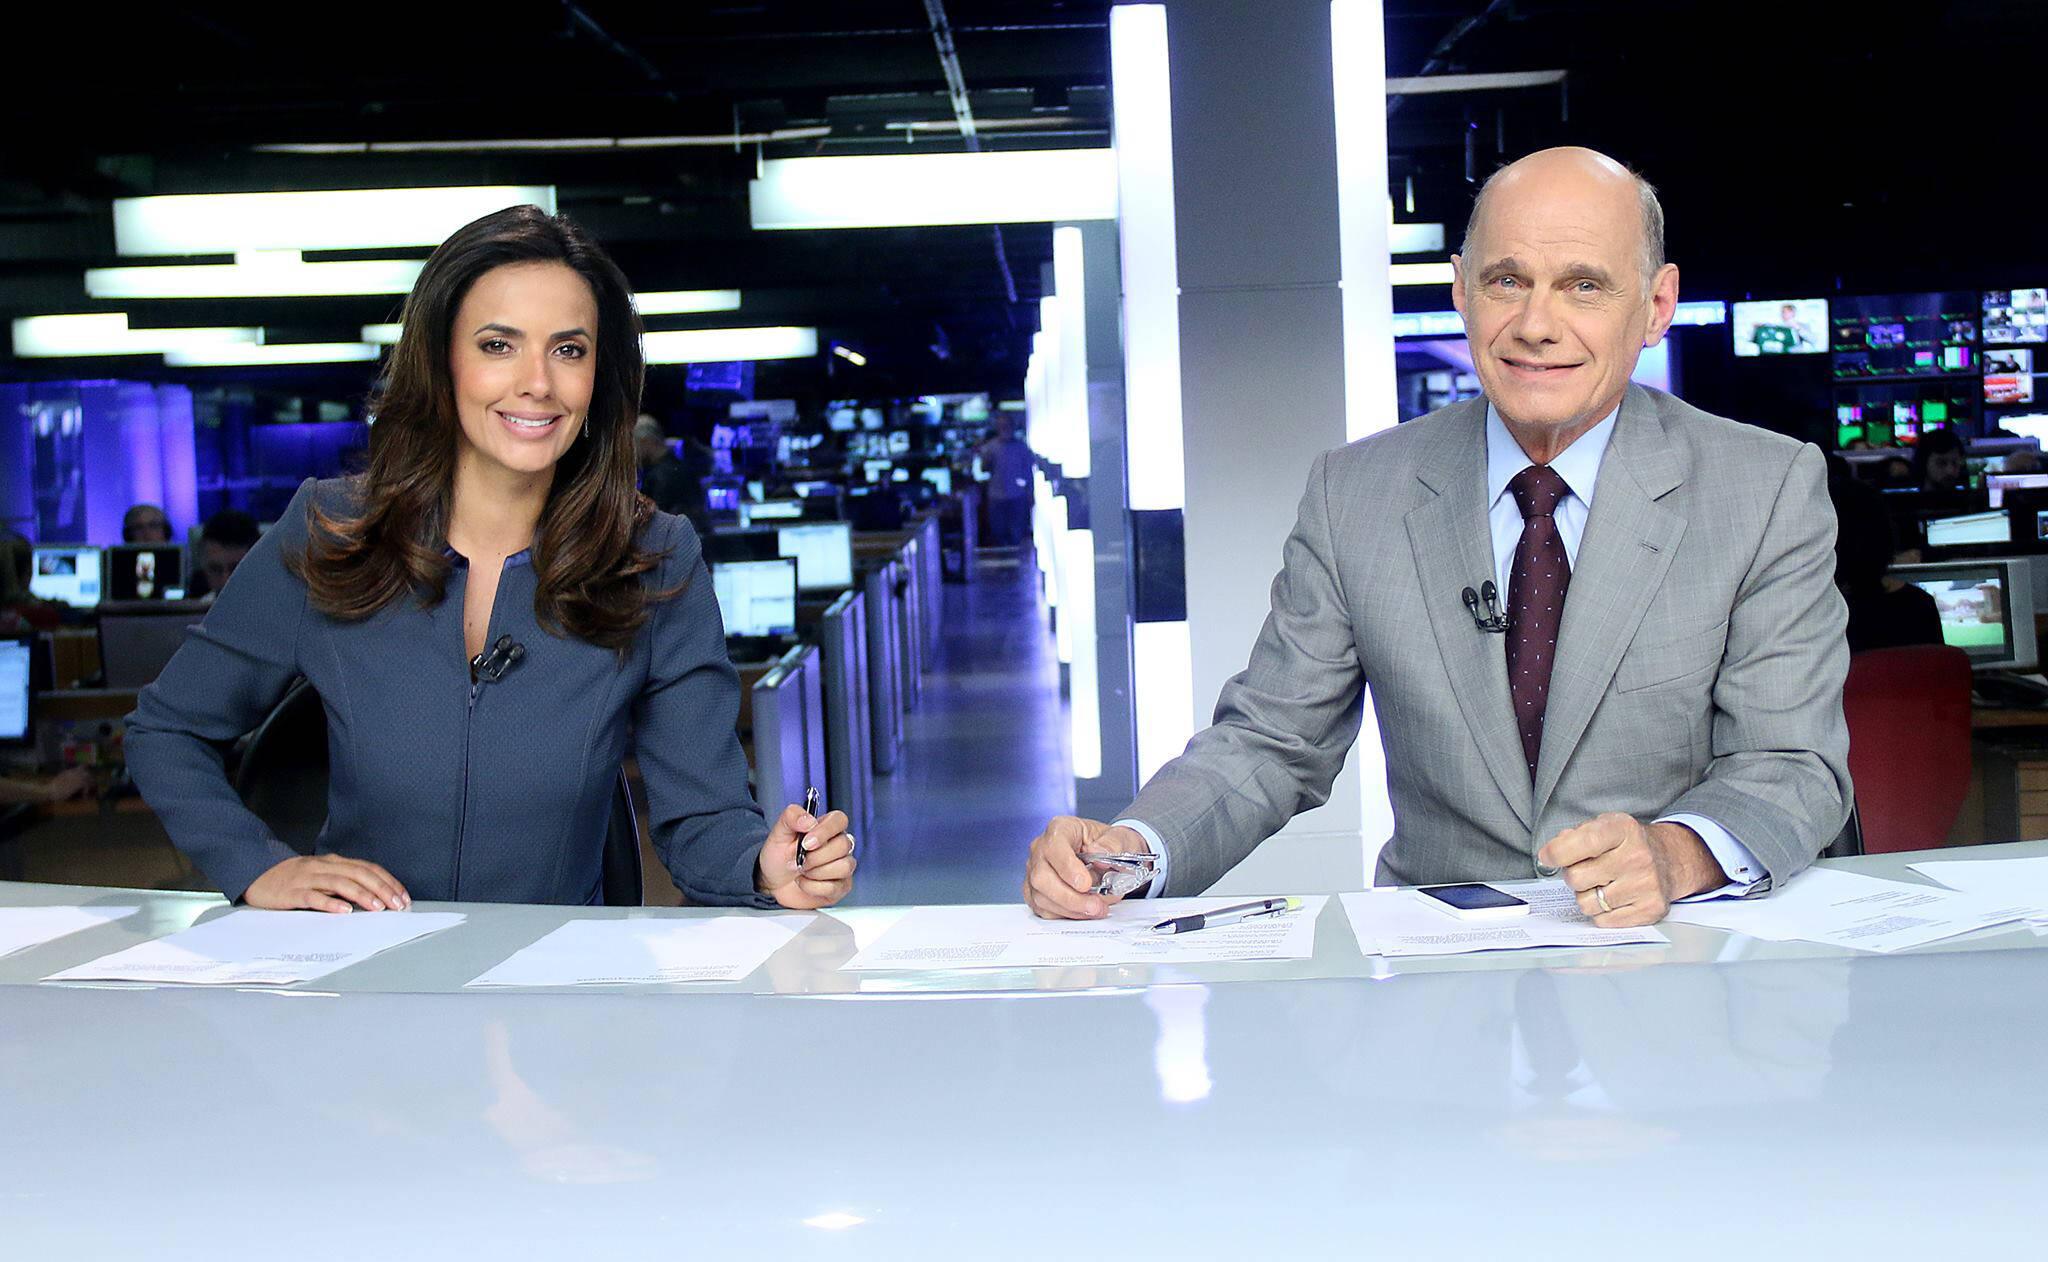 """Ricardo Boechat e Paloma Tocci na bancada do """"Jornal da Band"""". Foto: Reprodução / TV Band / Instagram"""